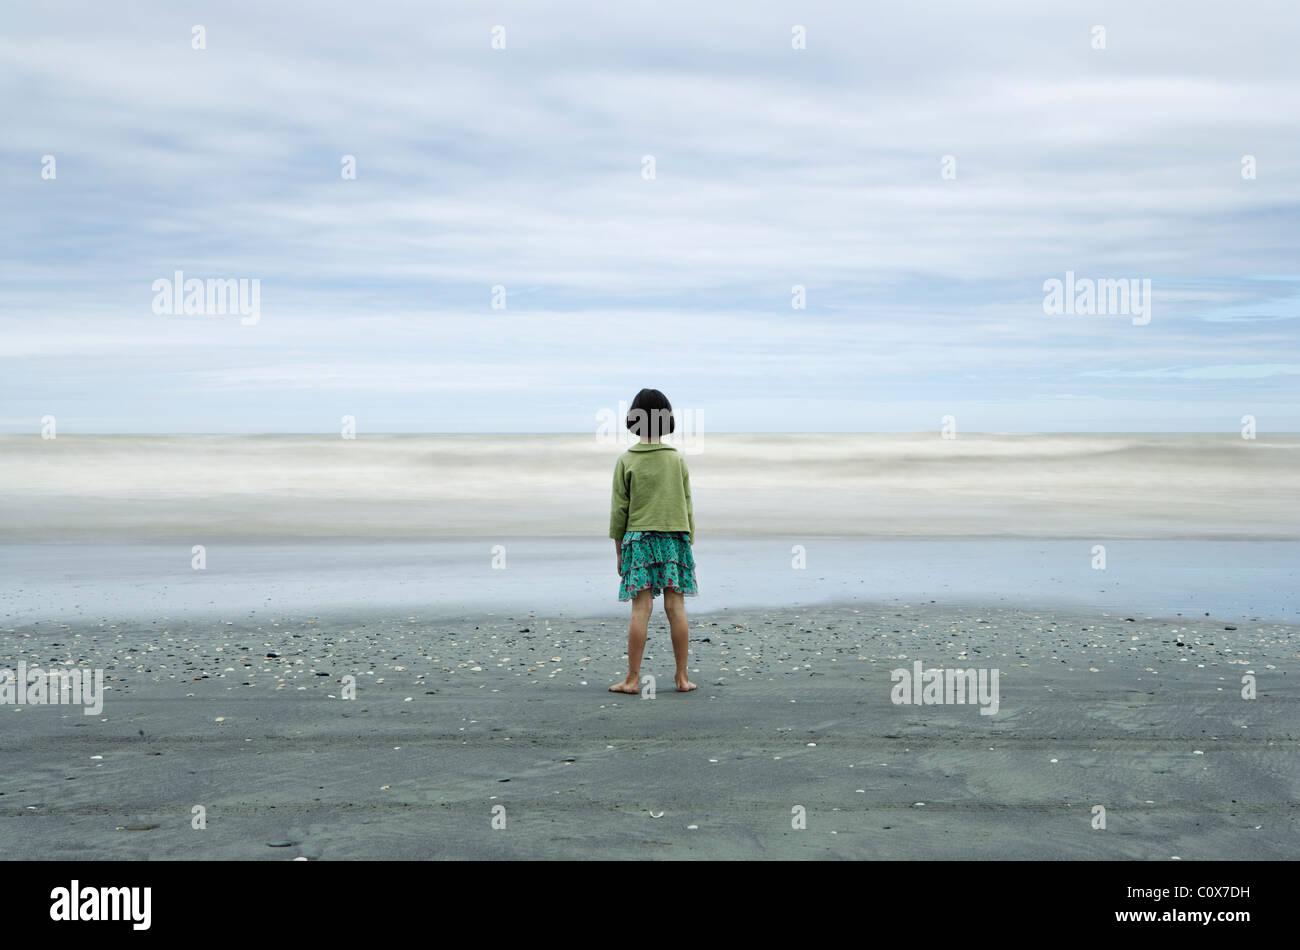 Mädchen scharf sieht auf dem Meer mit Wellen, die durch lange Belichtungszeit unscharf; schwarzen Sie Vulkansand, Stockbild